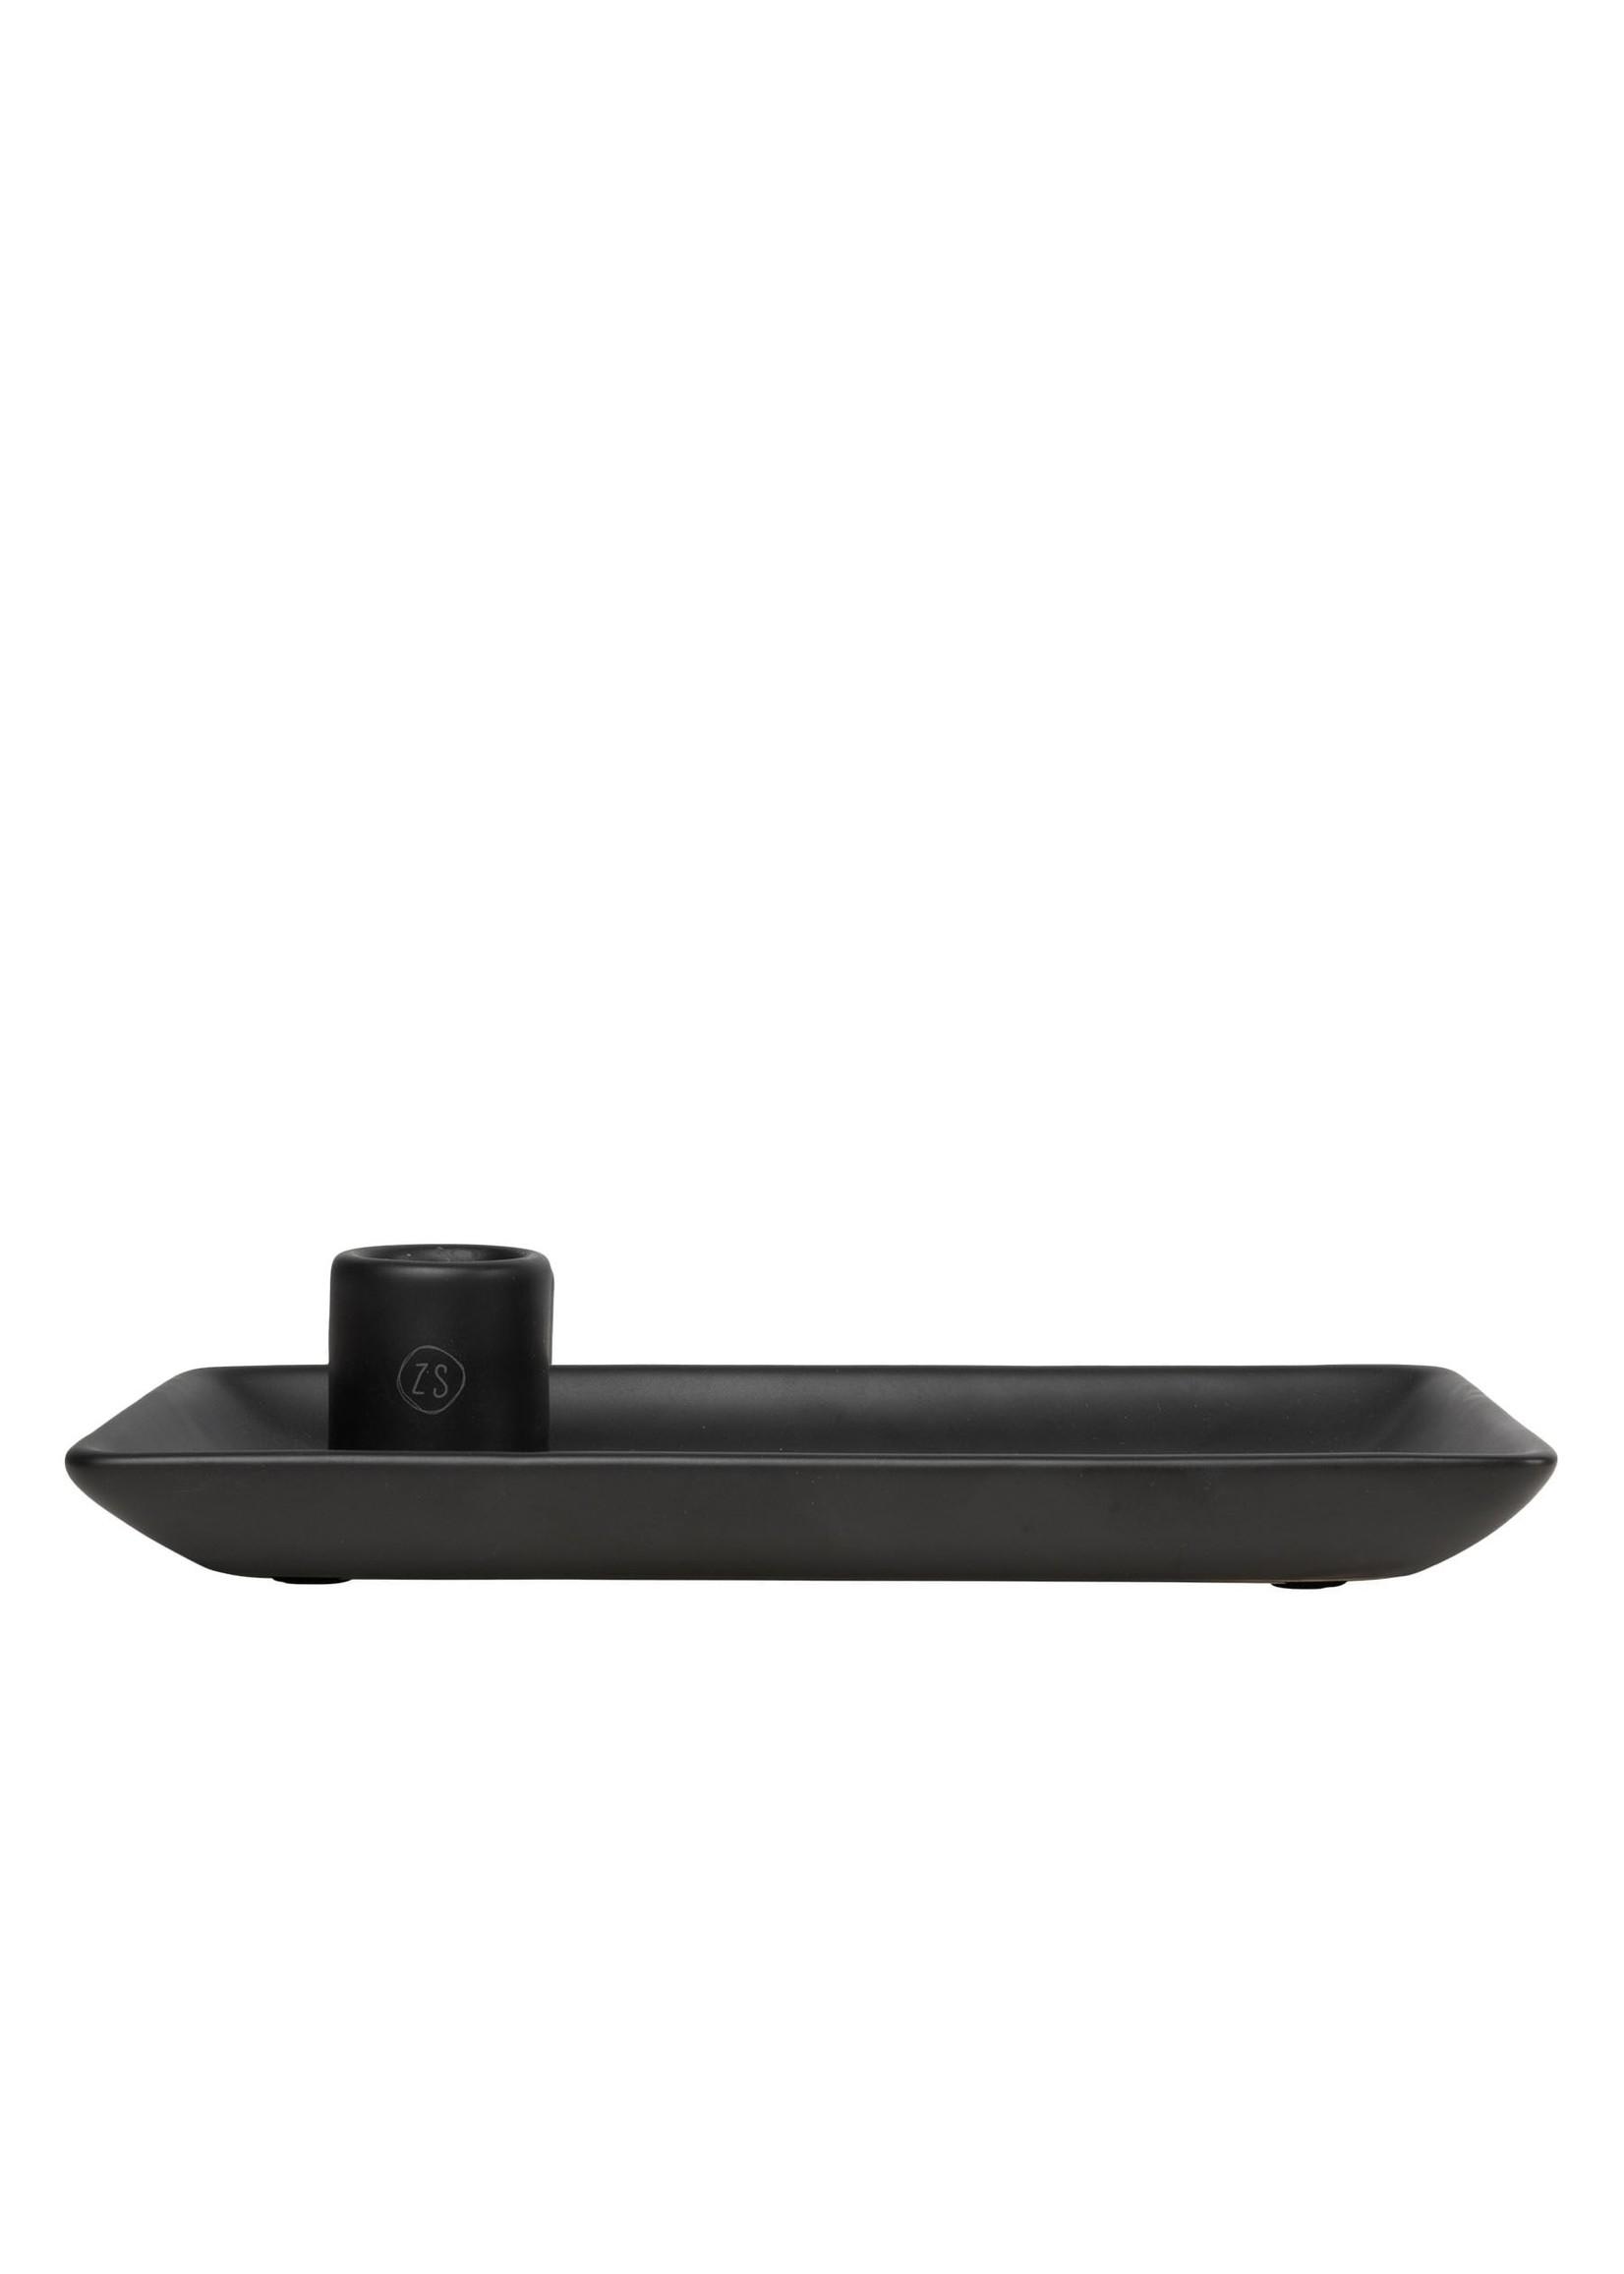 ZUSSS kandelaar met blad keramiek zwart